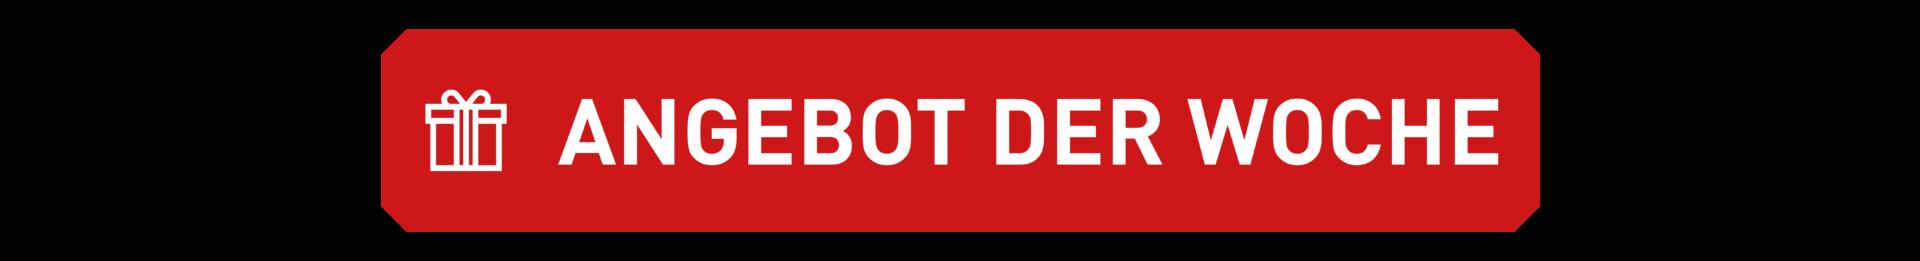 _ANGEBOT-DER-WOCHE_